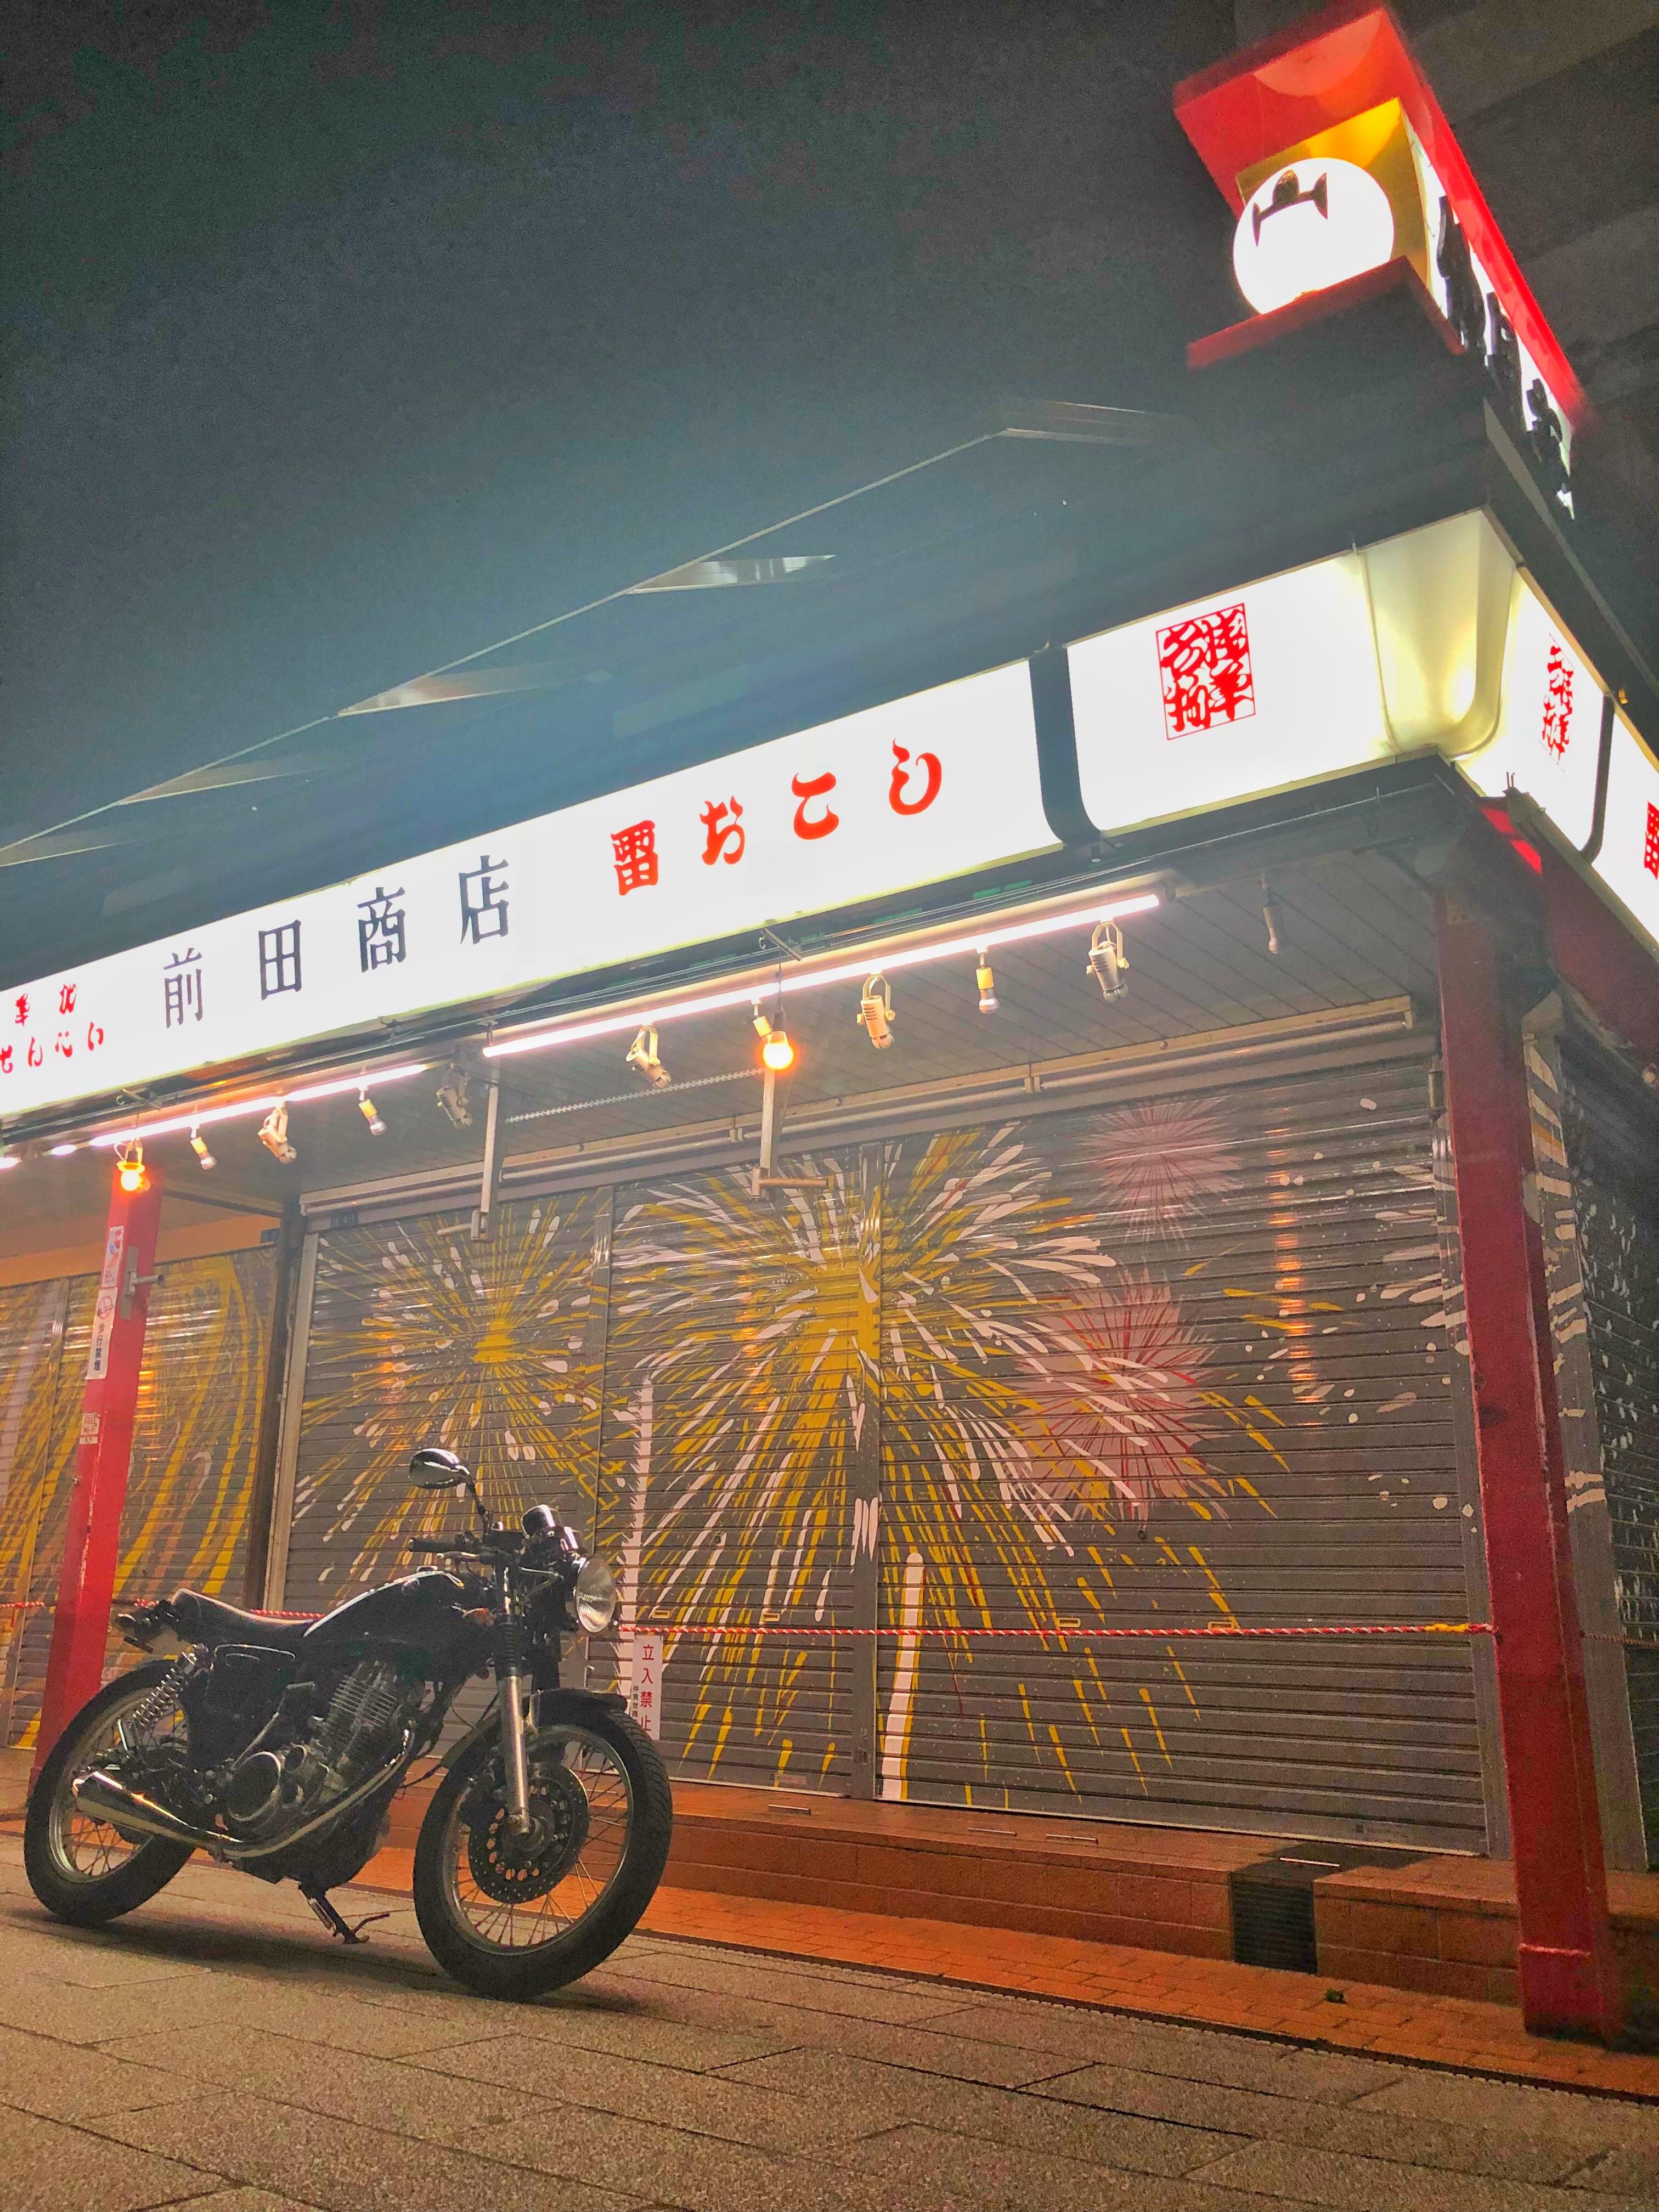 f:id:yukiaveiro:20181019182937j:image